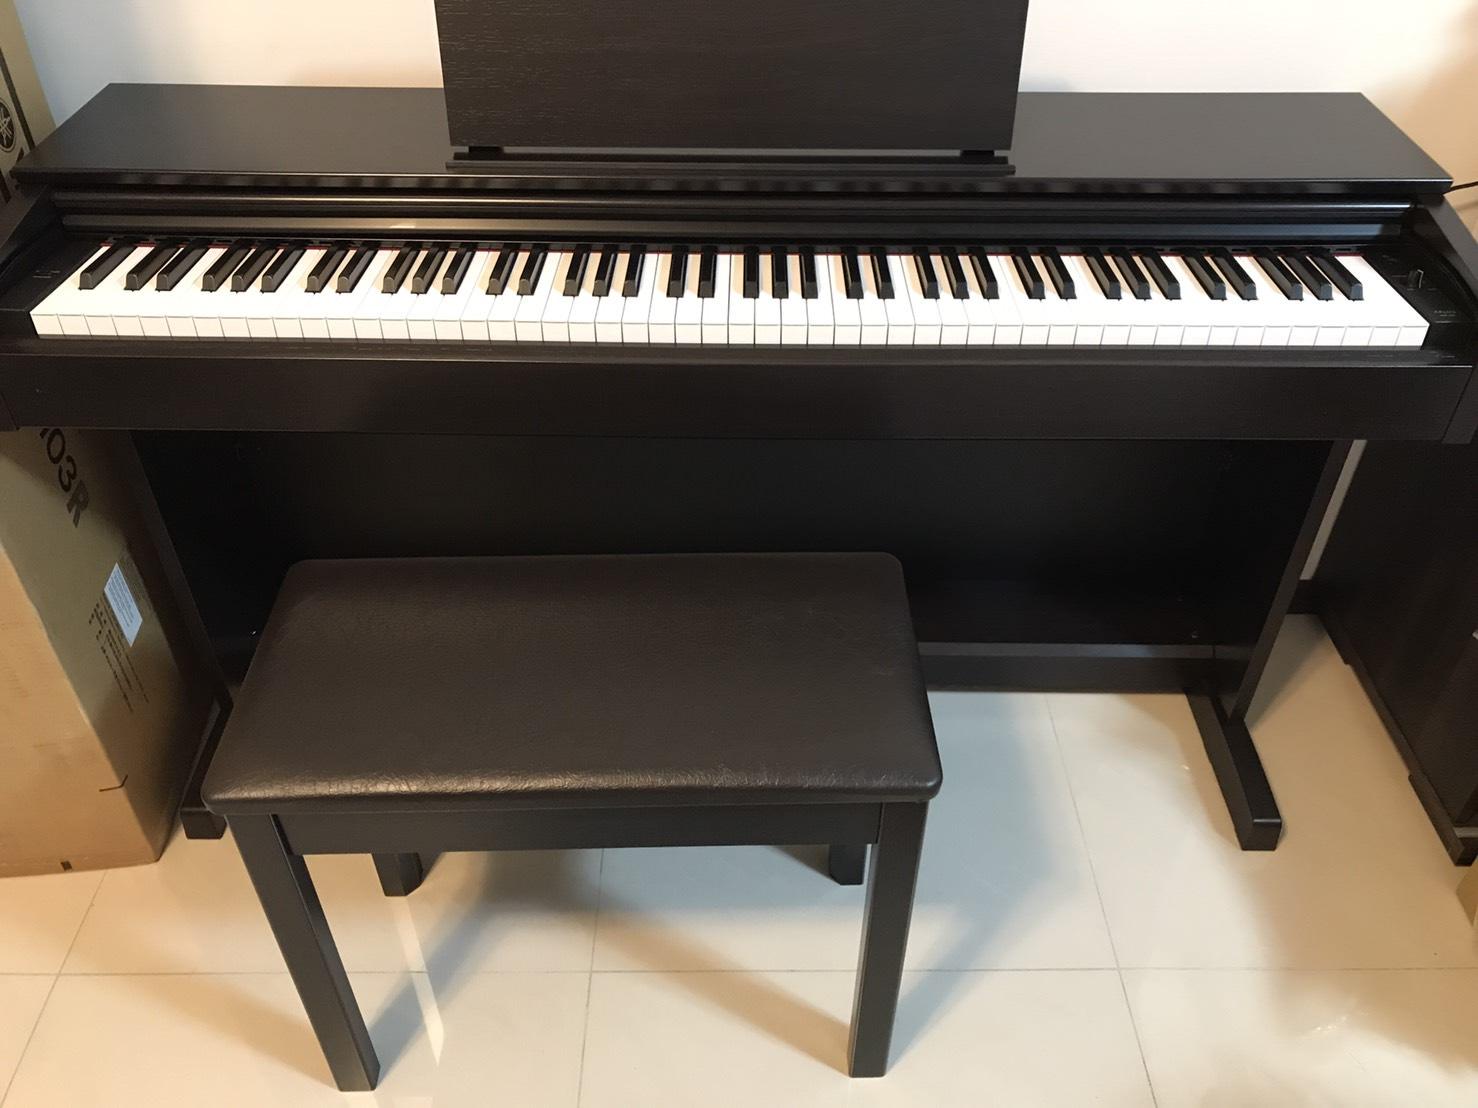 『育兒』妮妮琴藝之路-數位鋼琴開箱&心得